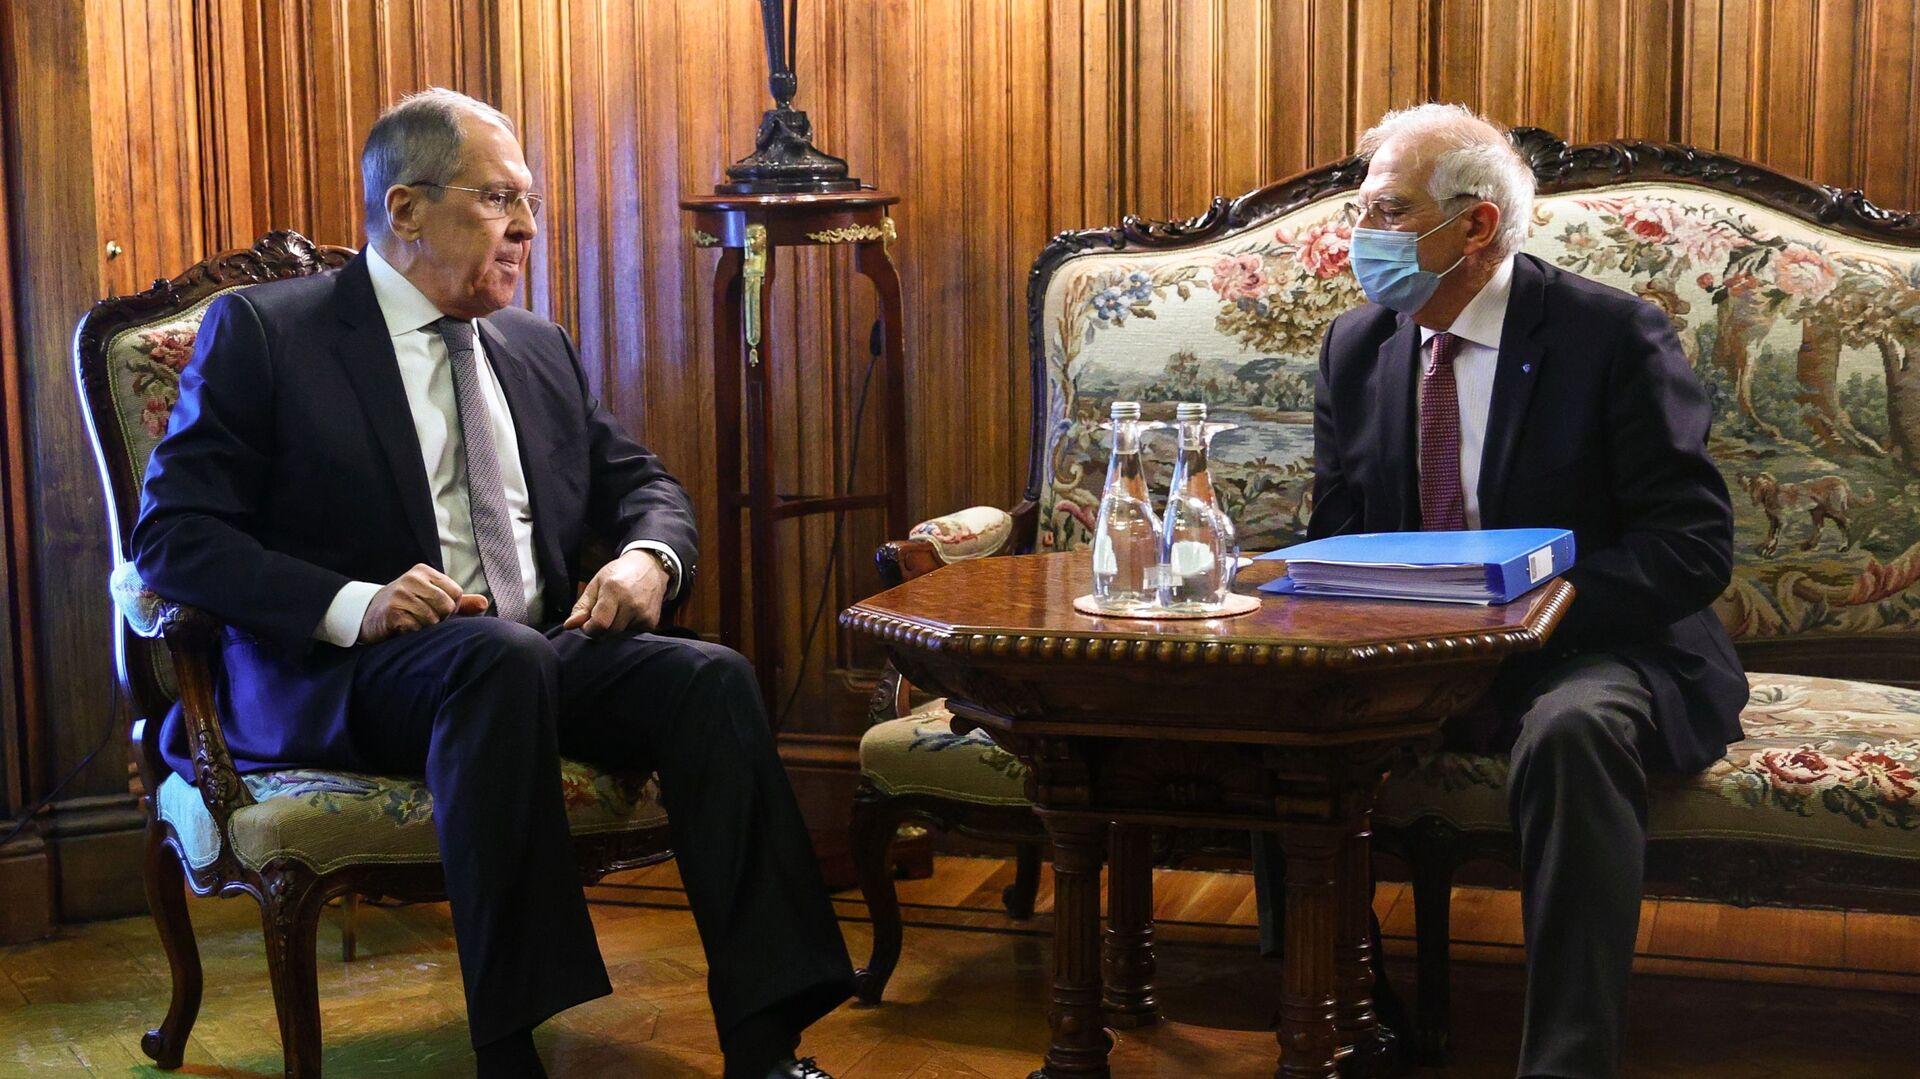 Il vertice tra il ministro degli Esteri russo Sergei Lavrov e l'Alto rappresentante per gli Affari Esteri dell'Ue Josep Borrell - Sputnik Italia, 1920, 16.06.2021